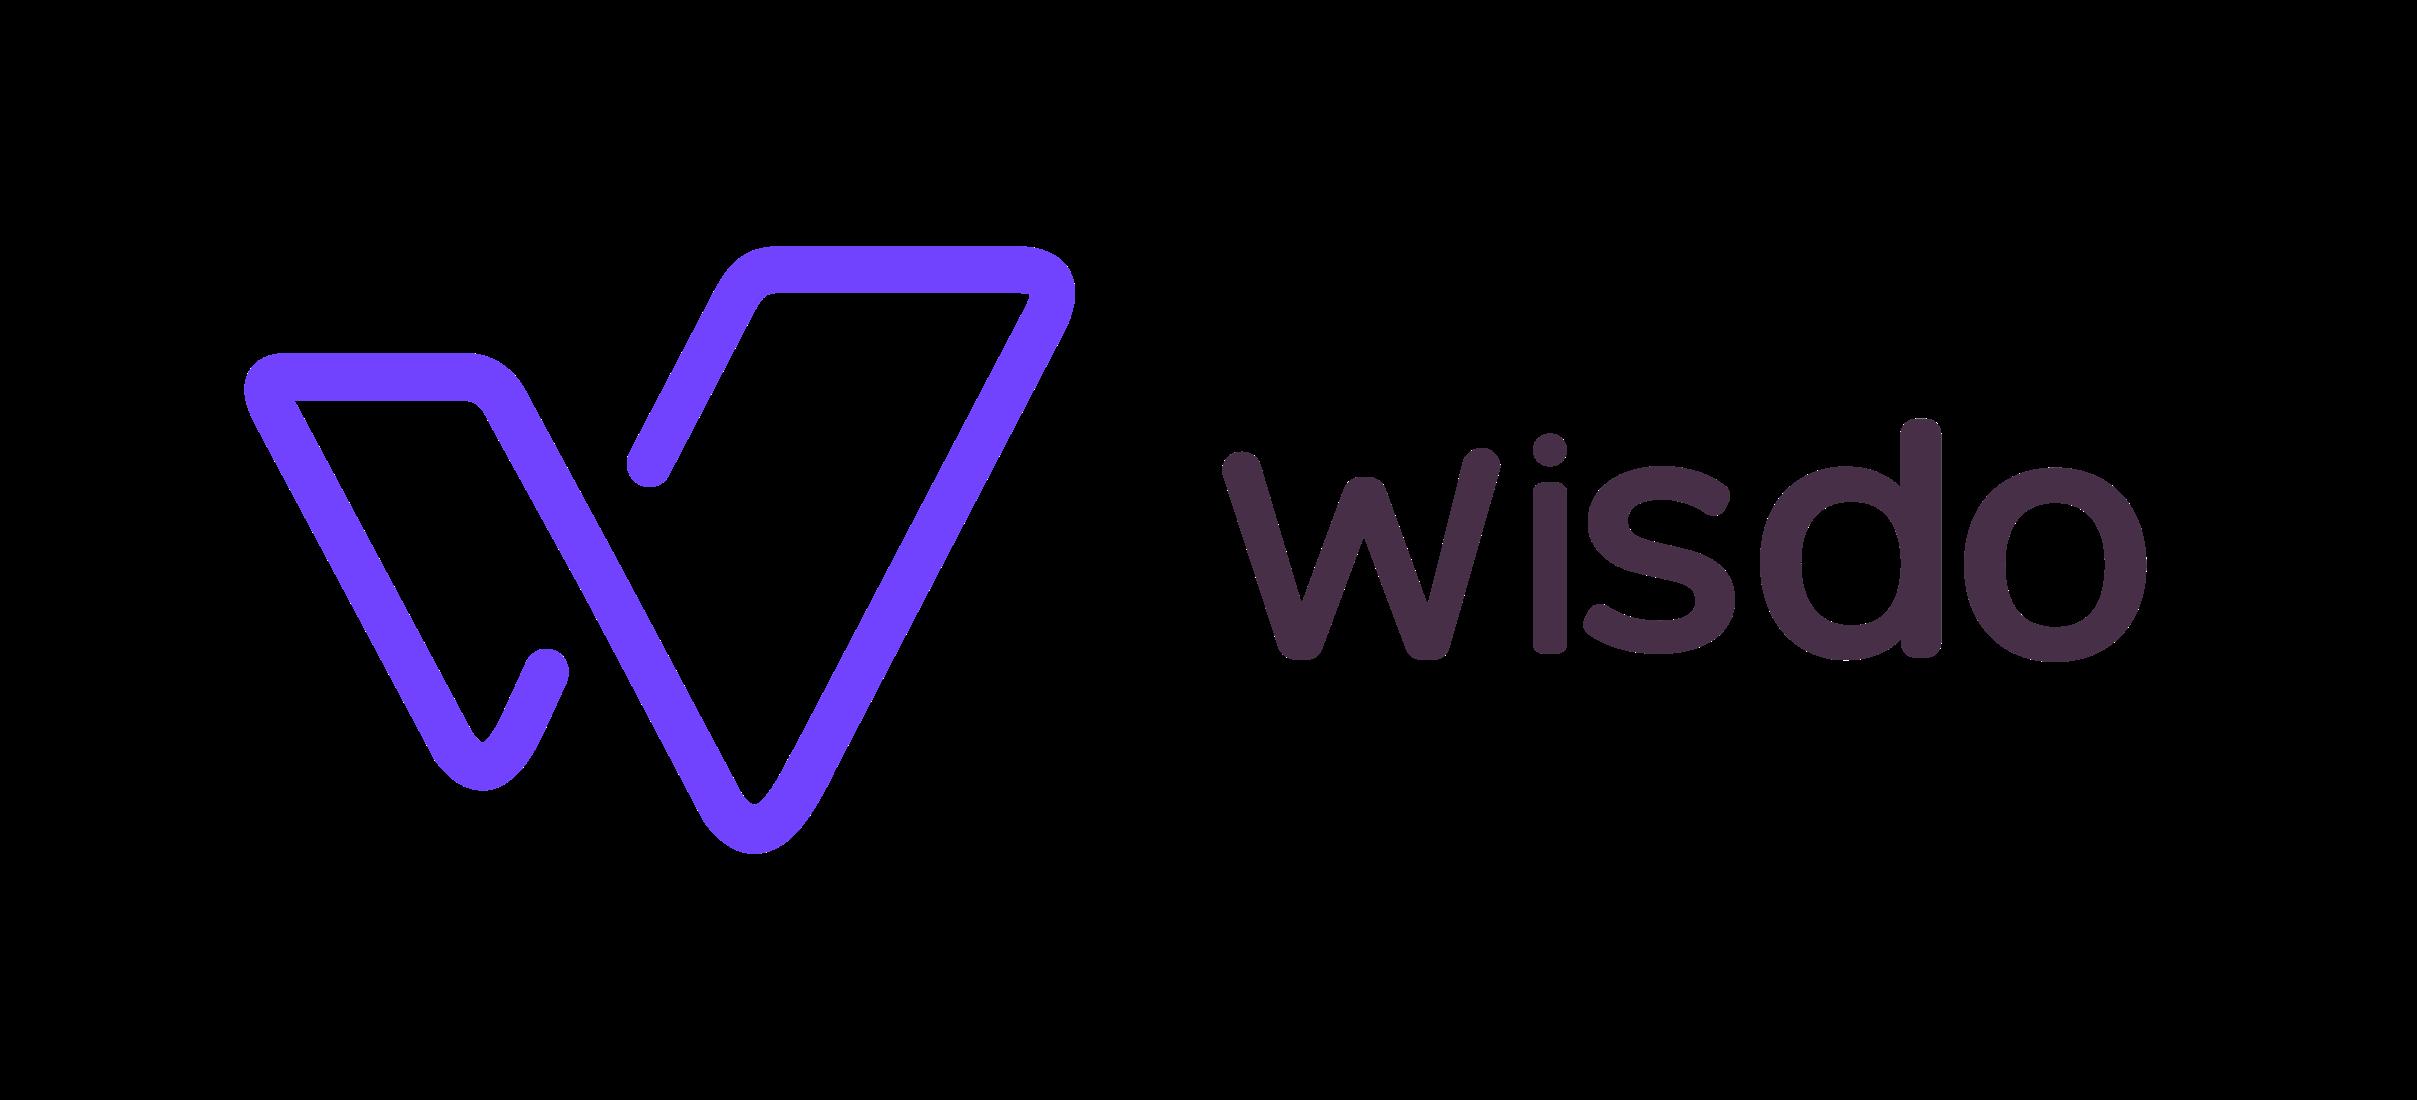 WISDO